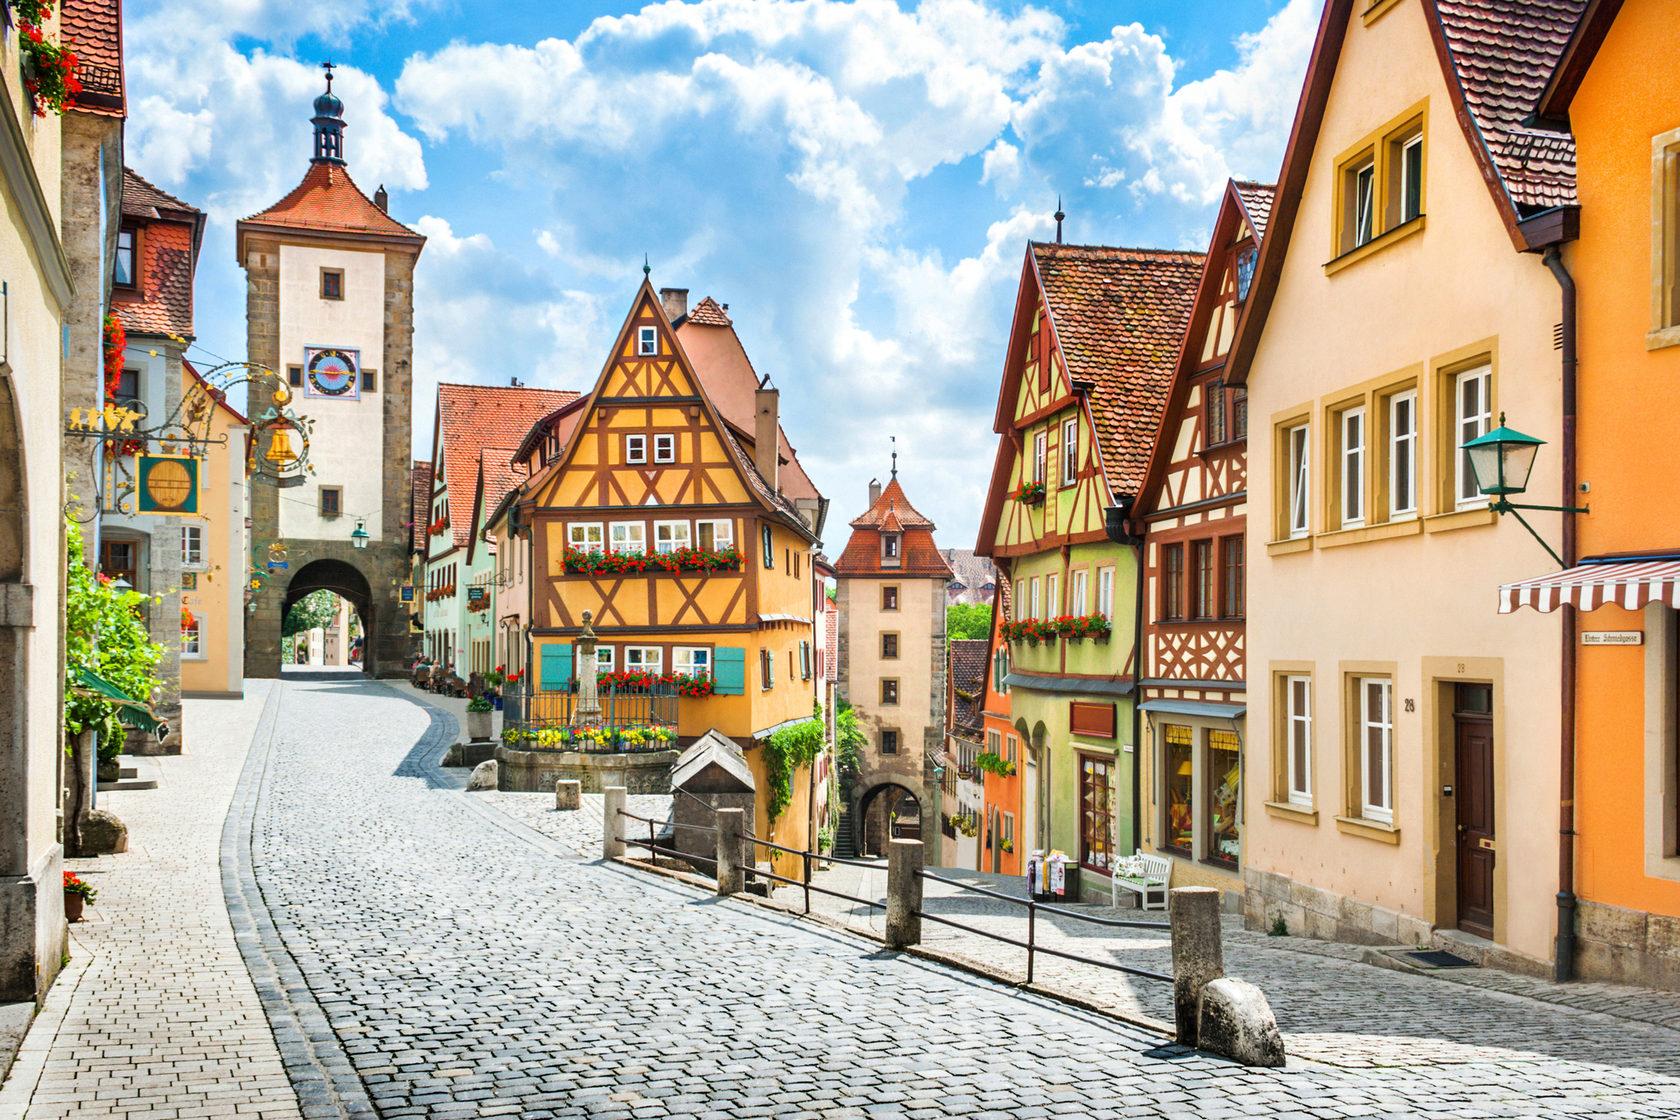 тяжело немецкие улицы картинки фотографий происходит так